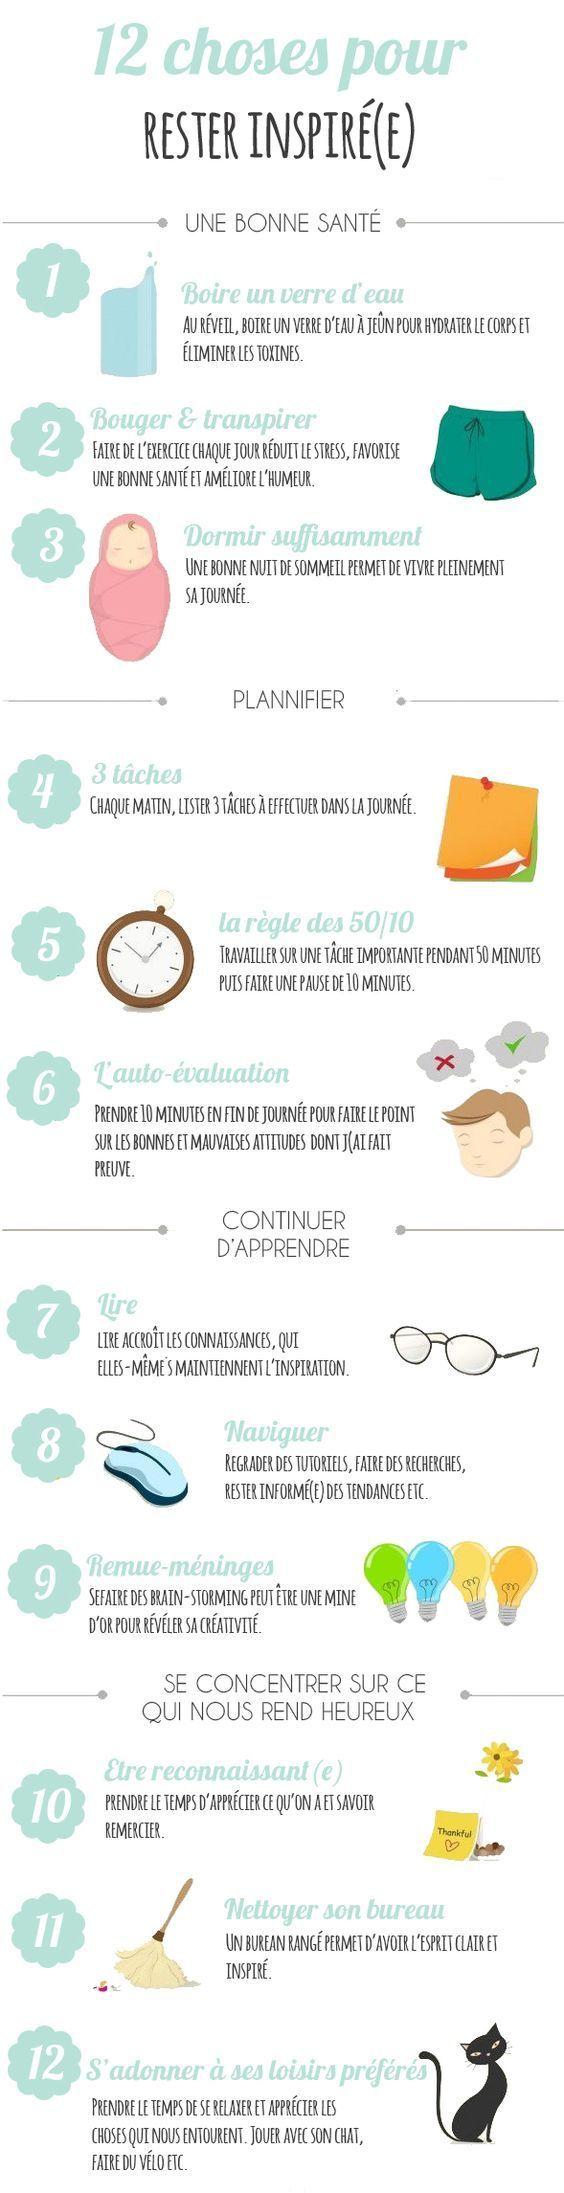 12 choses pour rester inspiré(e) !